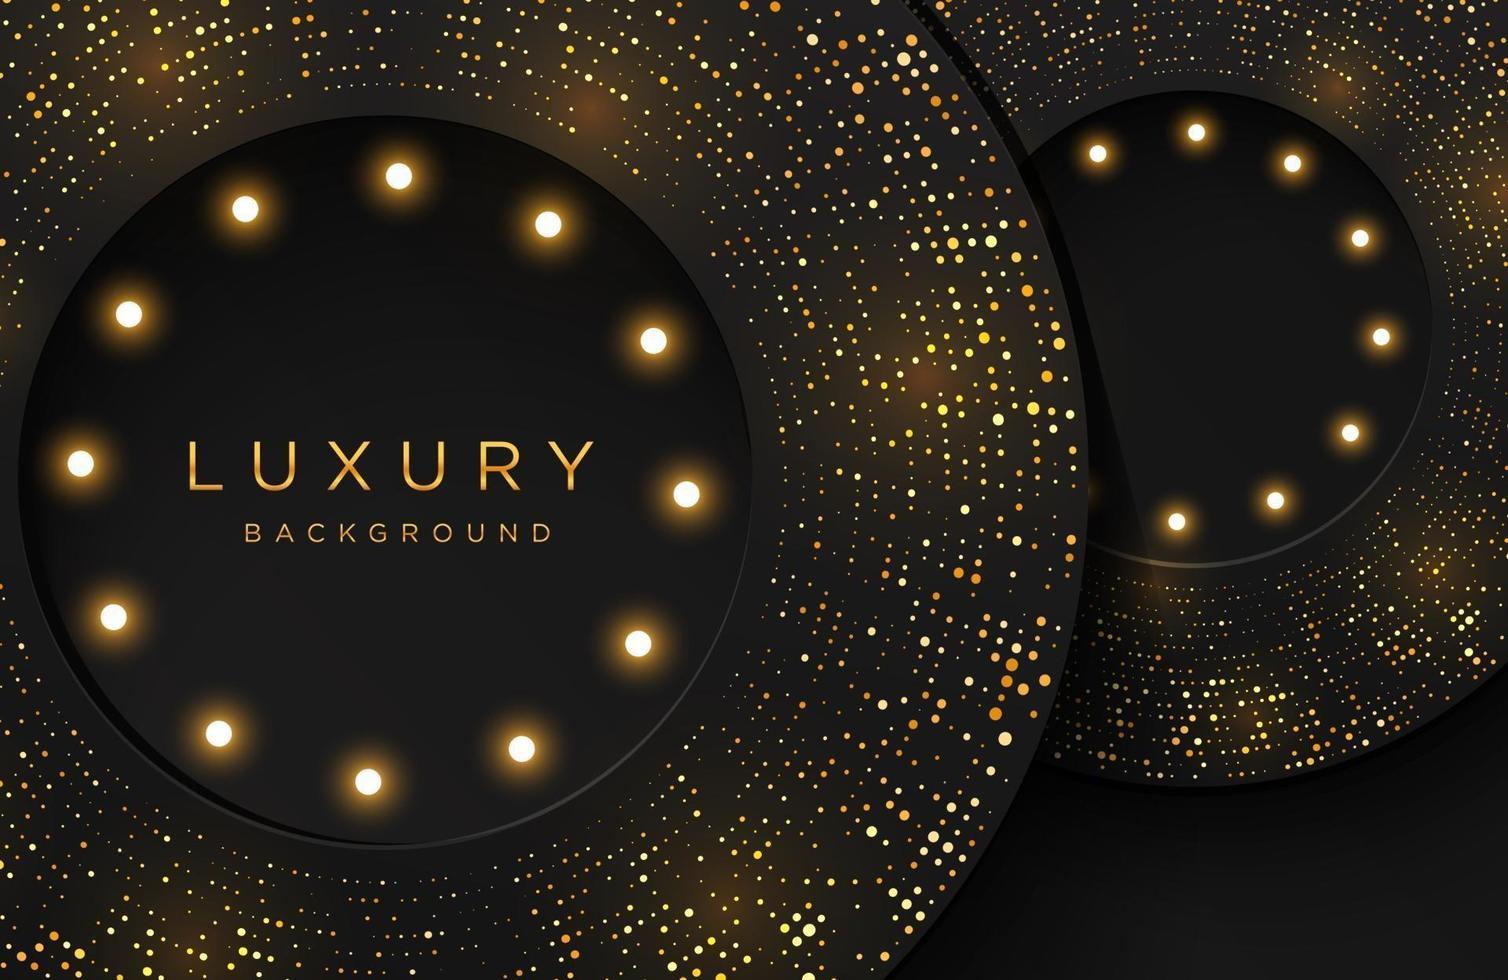 luxe elegante achtergrond met glanzend goud gestippeld patroon en gloeilamp geïsoleerd op zwart. abstracte realistische papercut achtergrond. elegante sjabloon vector